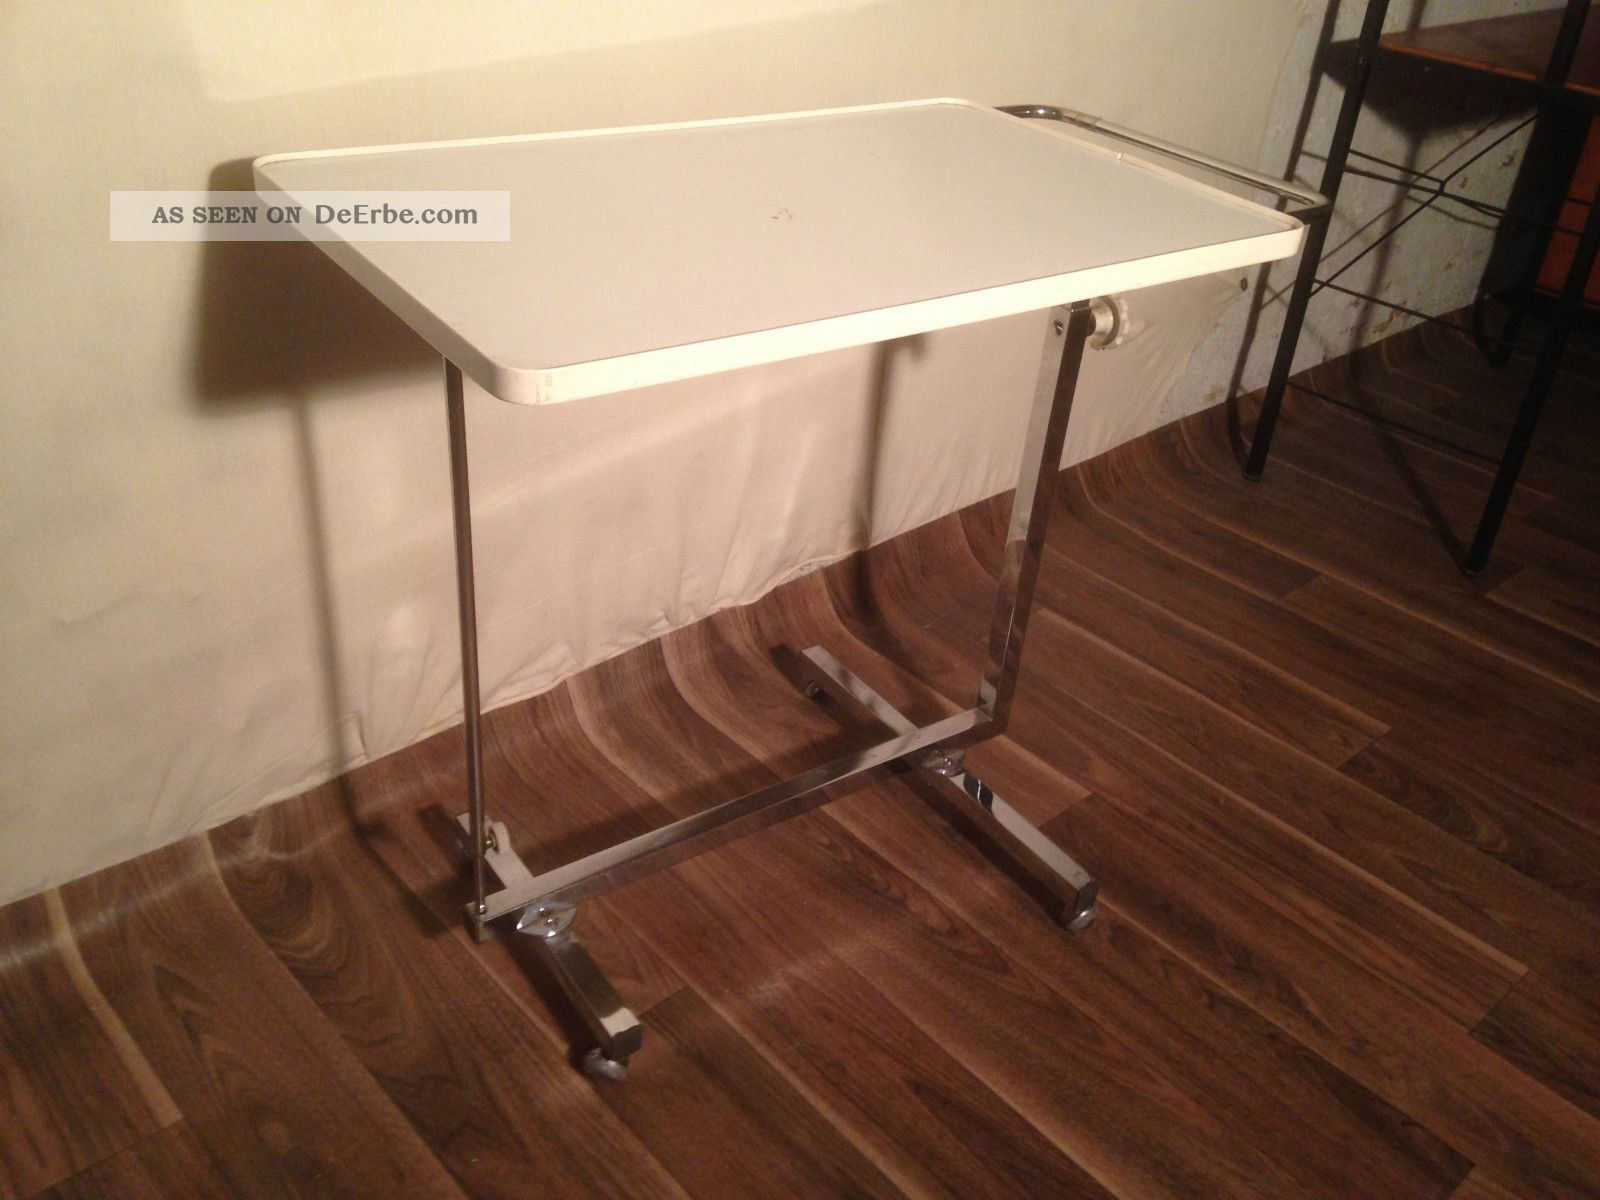 Antiker beistelltisch mit schublade  Mobiliar & Interieur - Tische - Stilmöbel nach 1945 ...